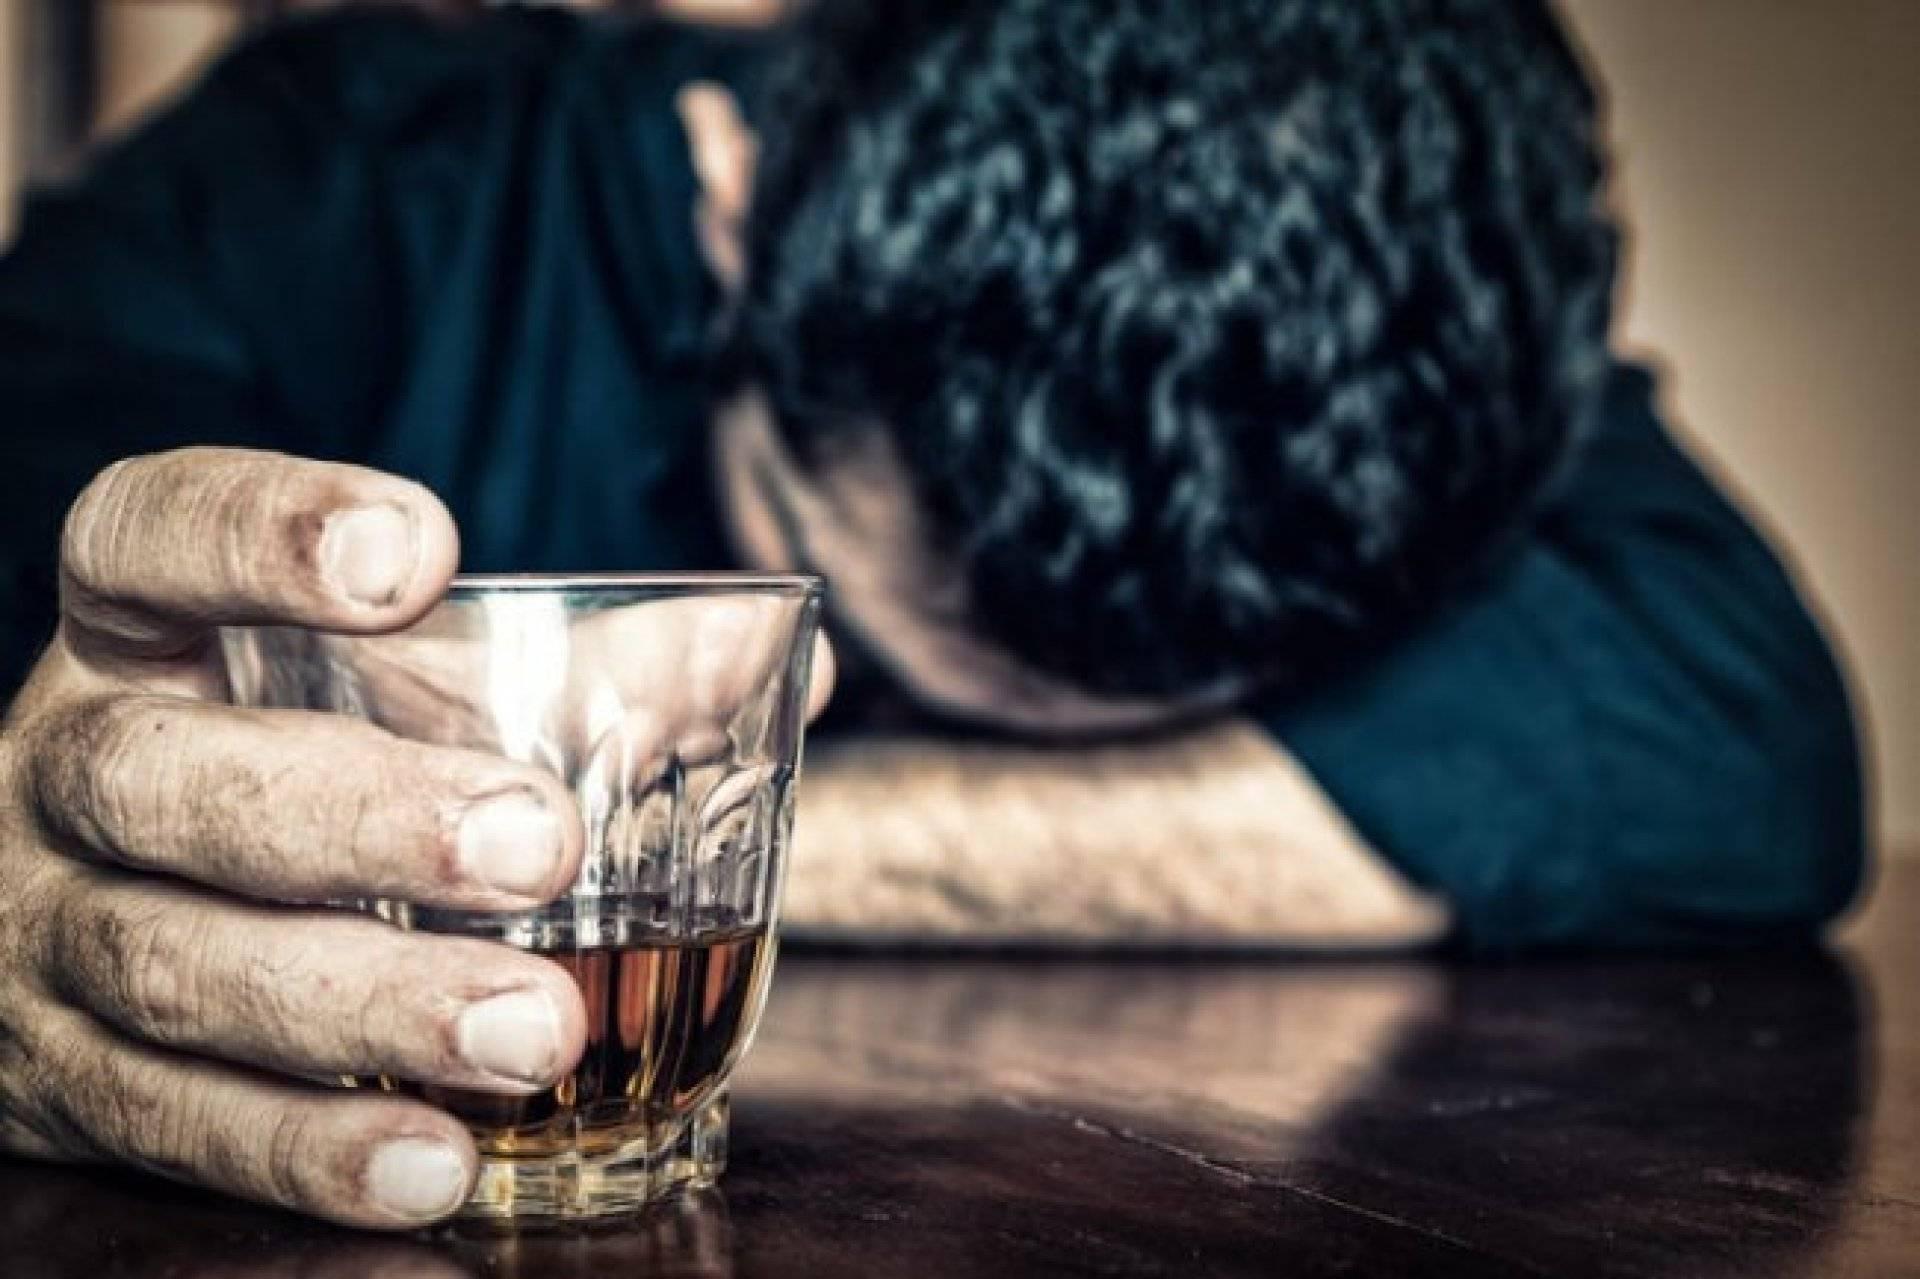 Есть вопрос: почему алкоголь делает людей агрессивными